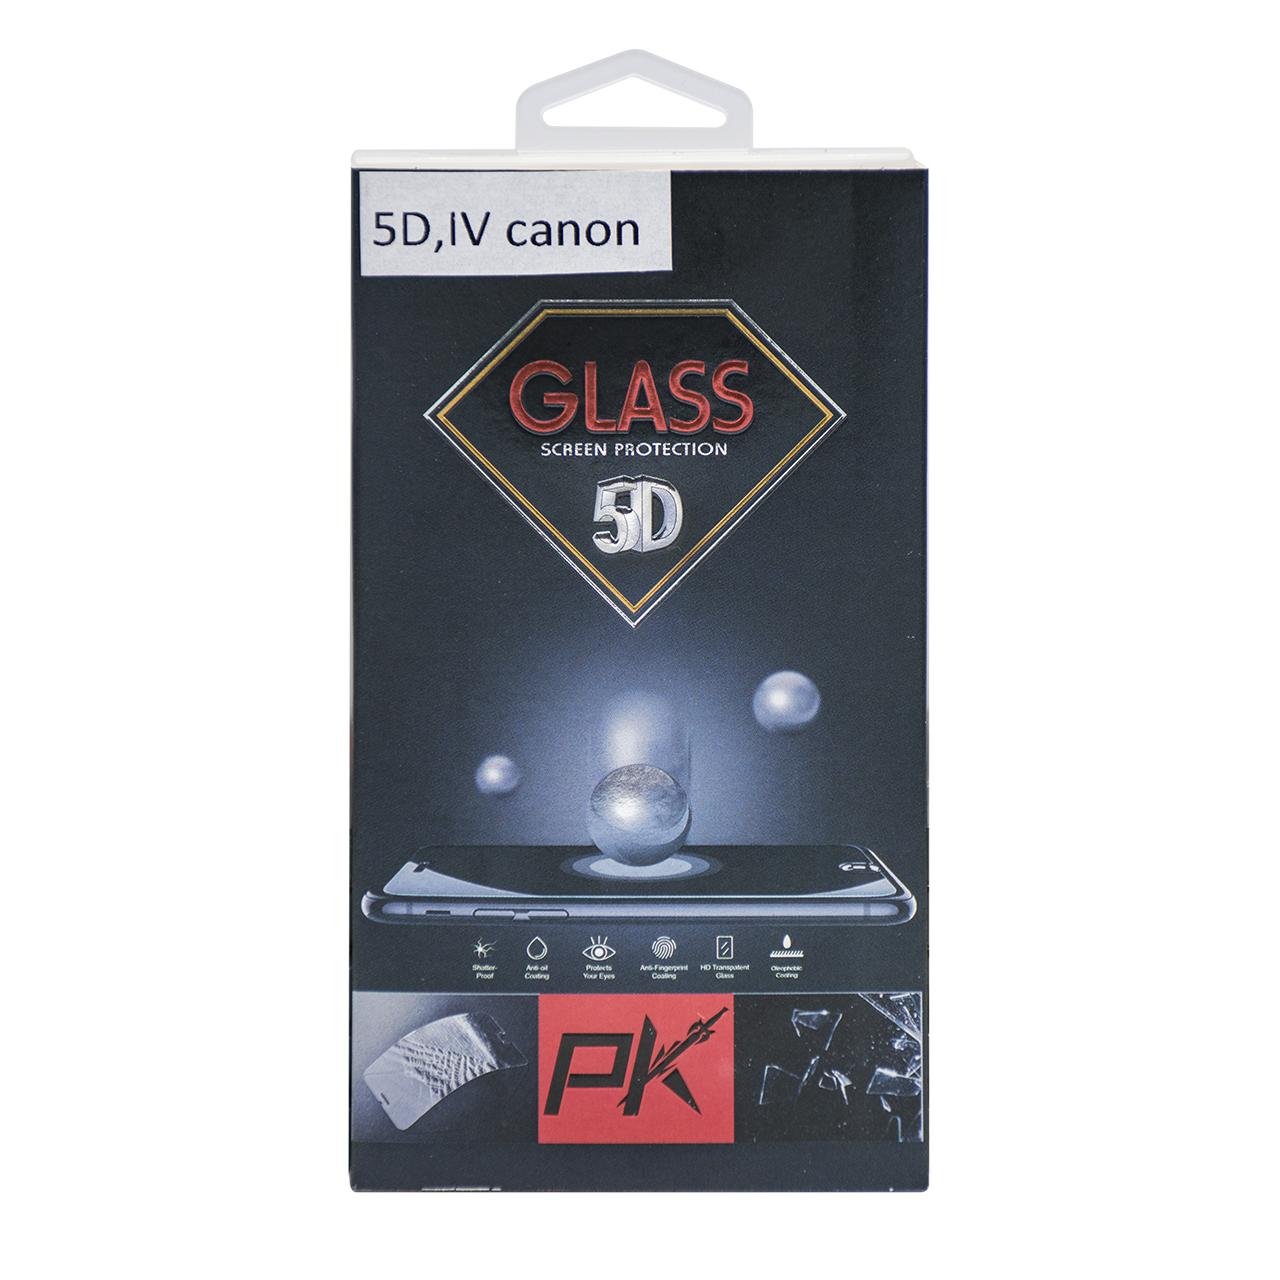 بررسی و {خرید با تخفیف} محافظ صفحه نمایش دوربین پی کی مدل P5DIV مناسب برای کانن 5D IV اصل